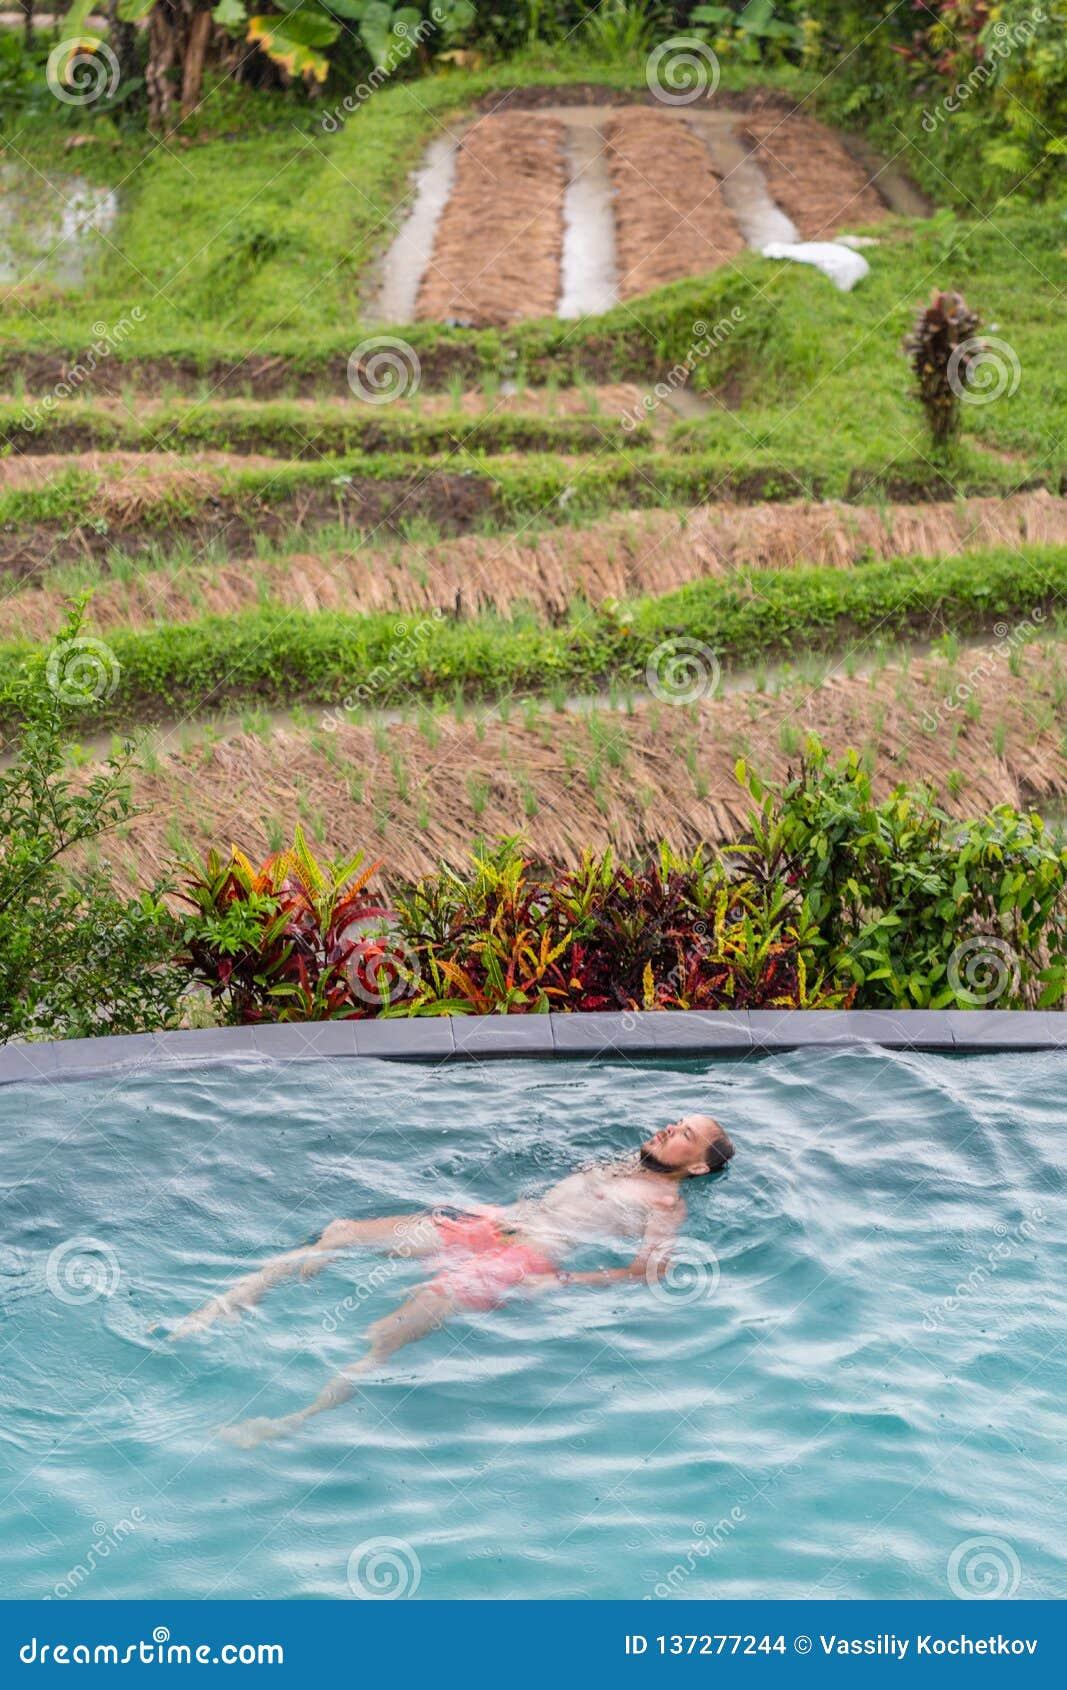 豪华旅游胜地 放松在无限游泳池水中的人 享受夏天旅行的美好的愉快的健康男性模型